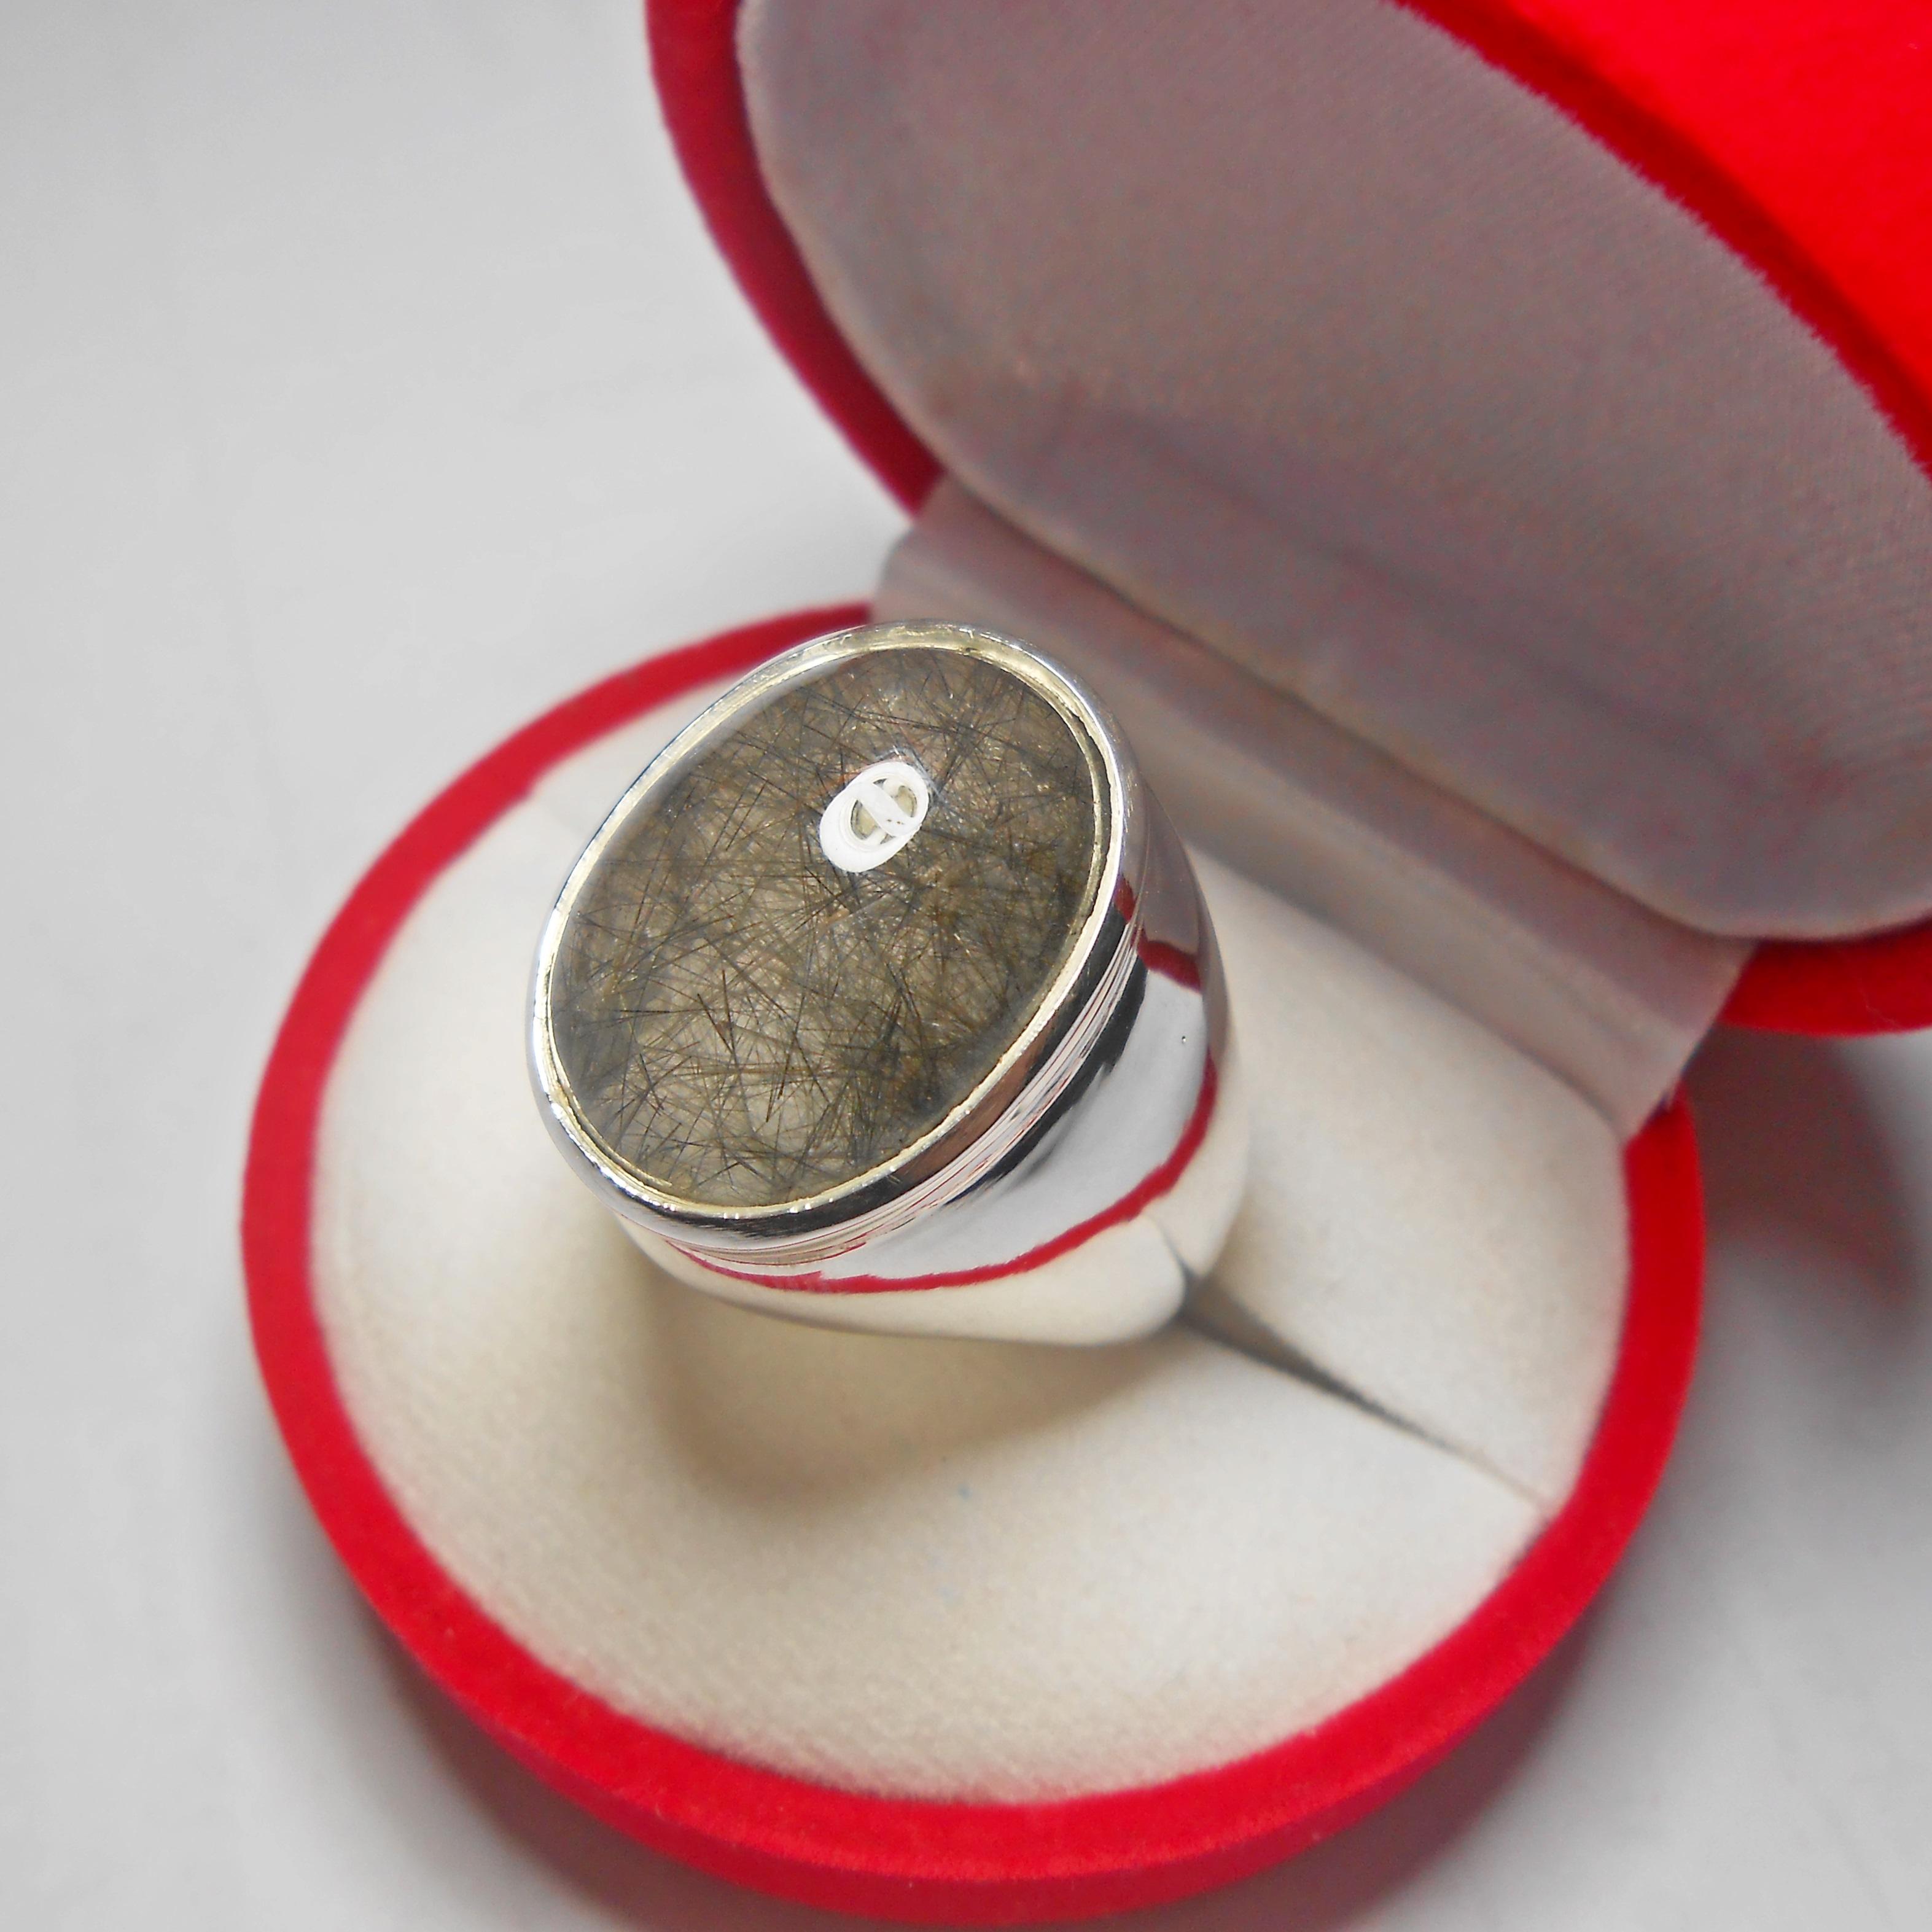 ขาย แหวนเงินแท้แก้วขนเหล็ก เส้นสวย น้ำงาม